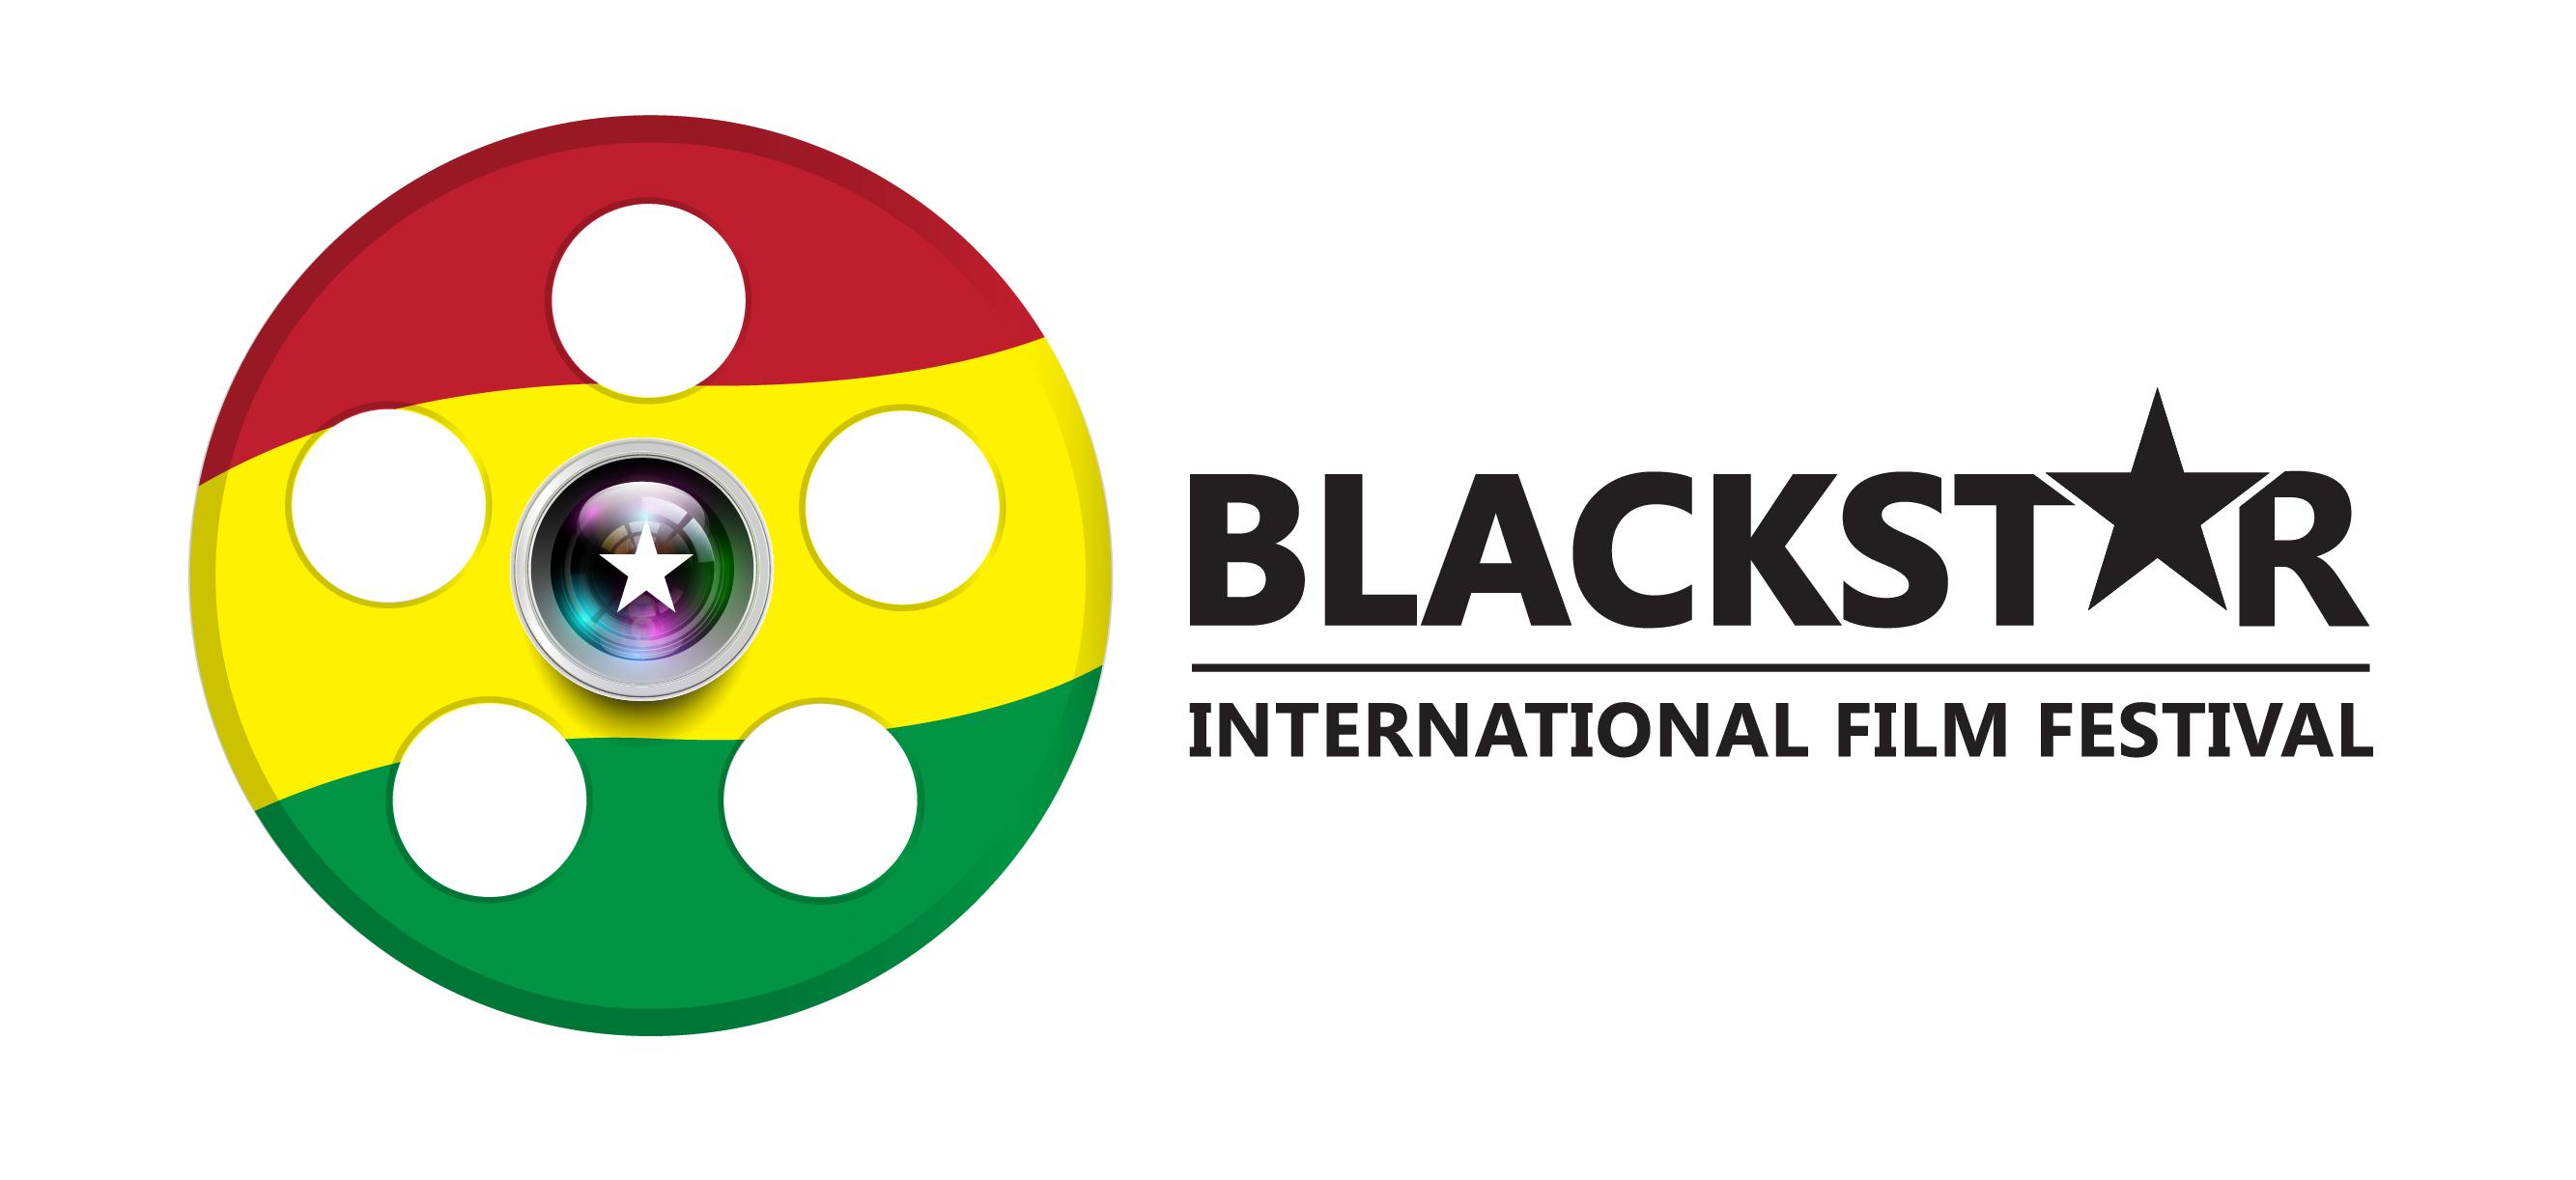 https://www.thebrewshow.net/wp-content/uploads/2021/02/bsiff-new-logo-01.png